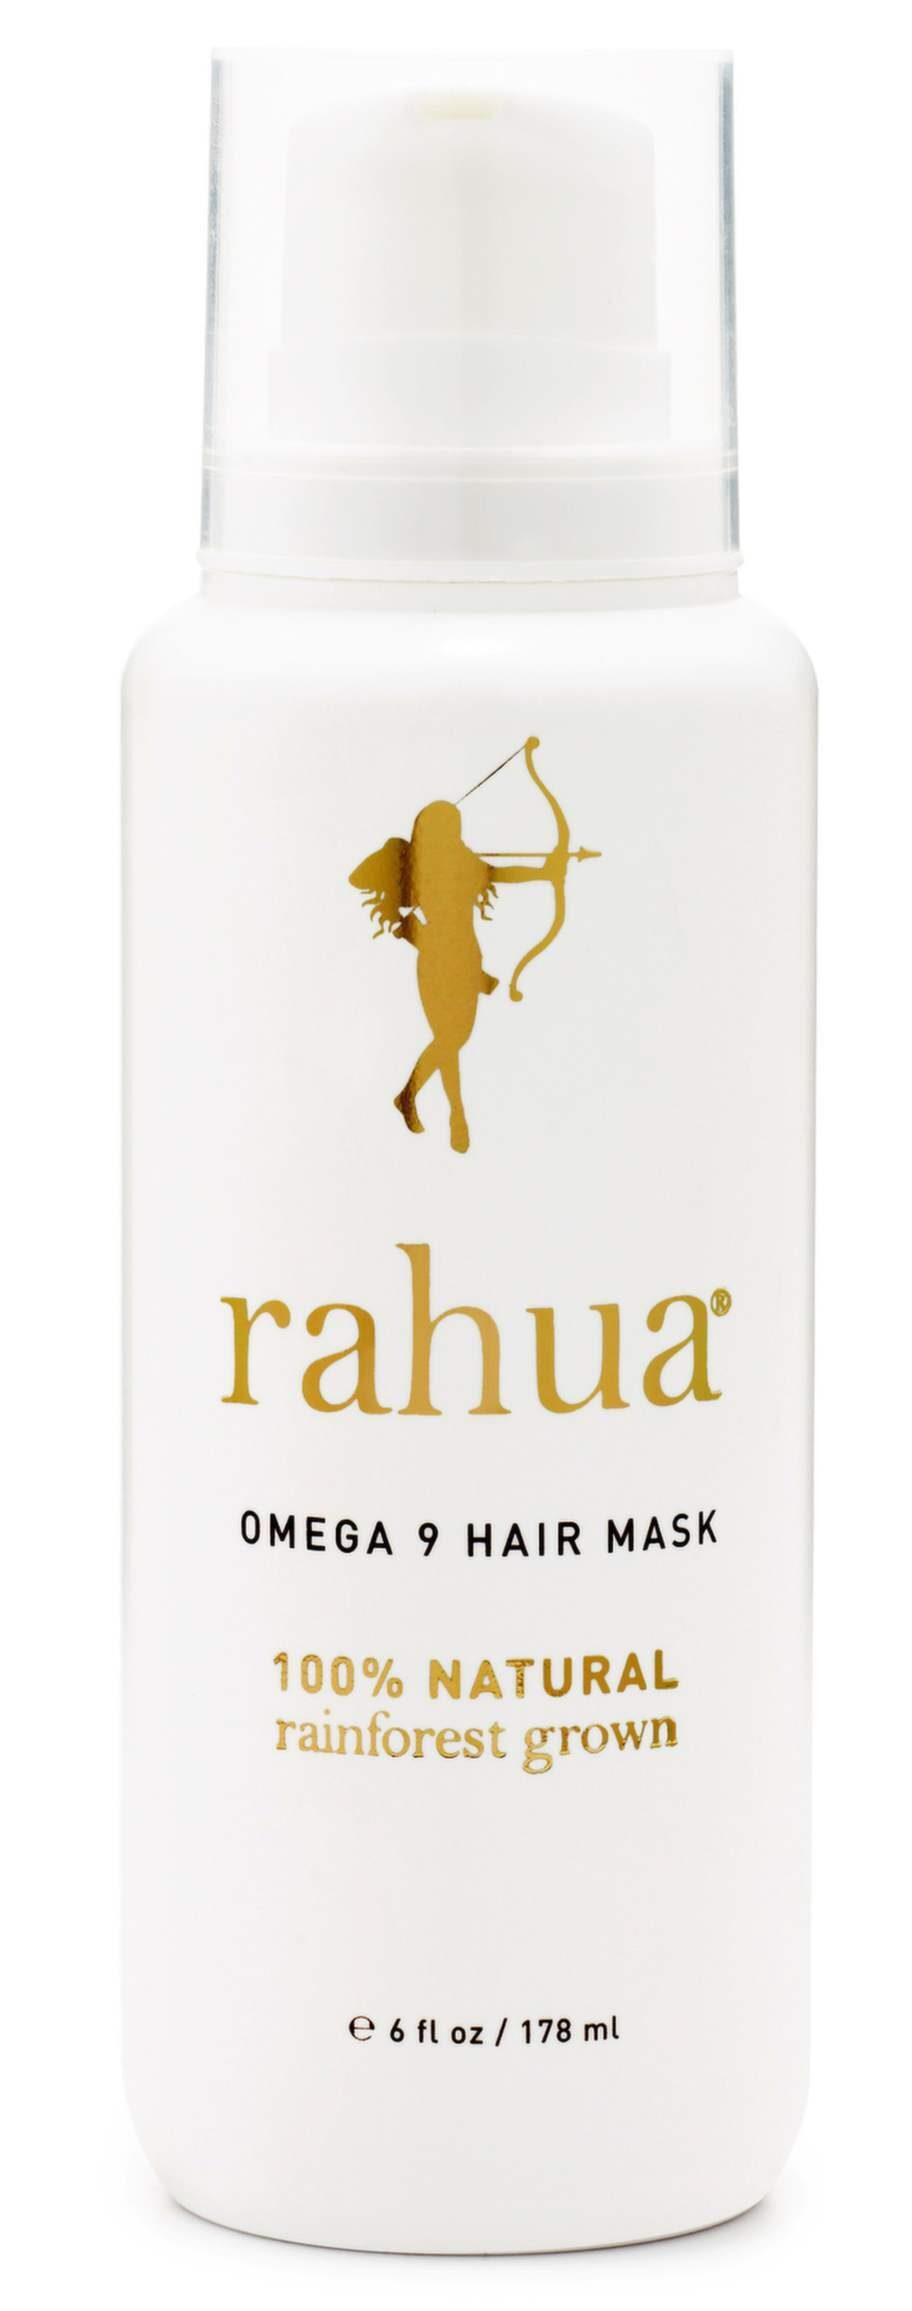 Fukta håret<br>Under sommaren slits håret extra mycket av solen, men också av bad i salta vatten och pooler. Se till att ge håret extra vård och fukt i form av en inpackning. Rahua, Omega 9 hair mask, 89 ml, 595 kronor hos eleven.se